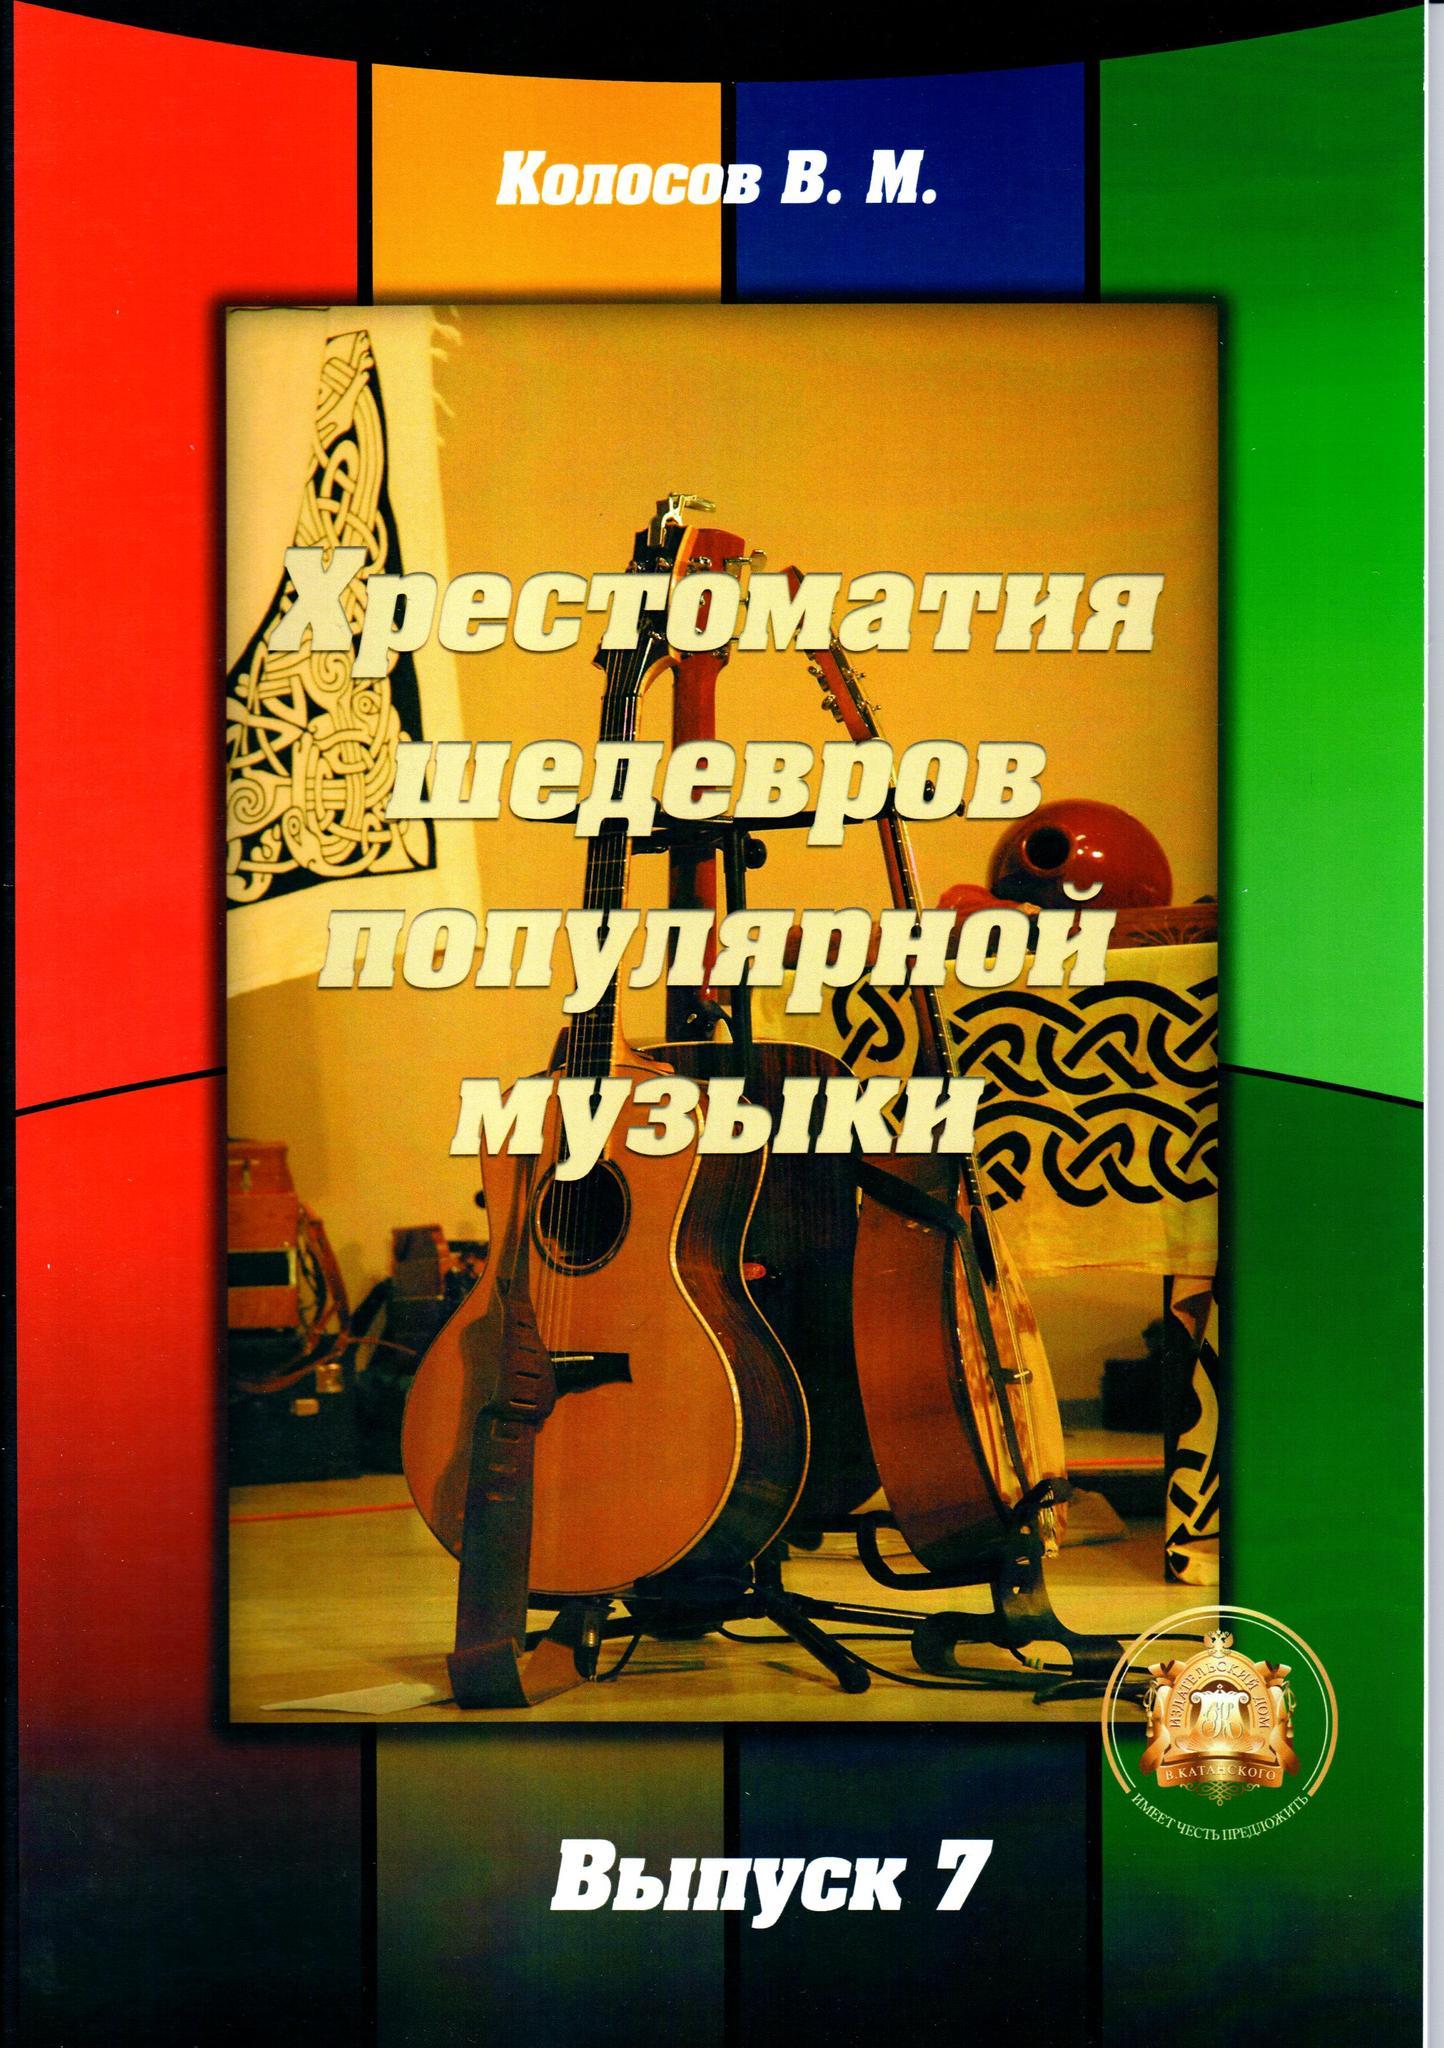 Колосов В. М. Хрестоматия шедевров популярной музыки.Тетрадь 7.